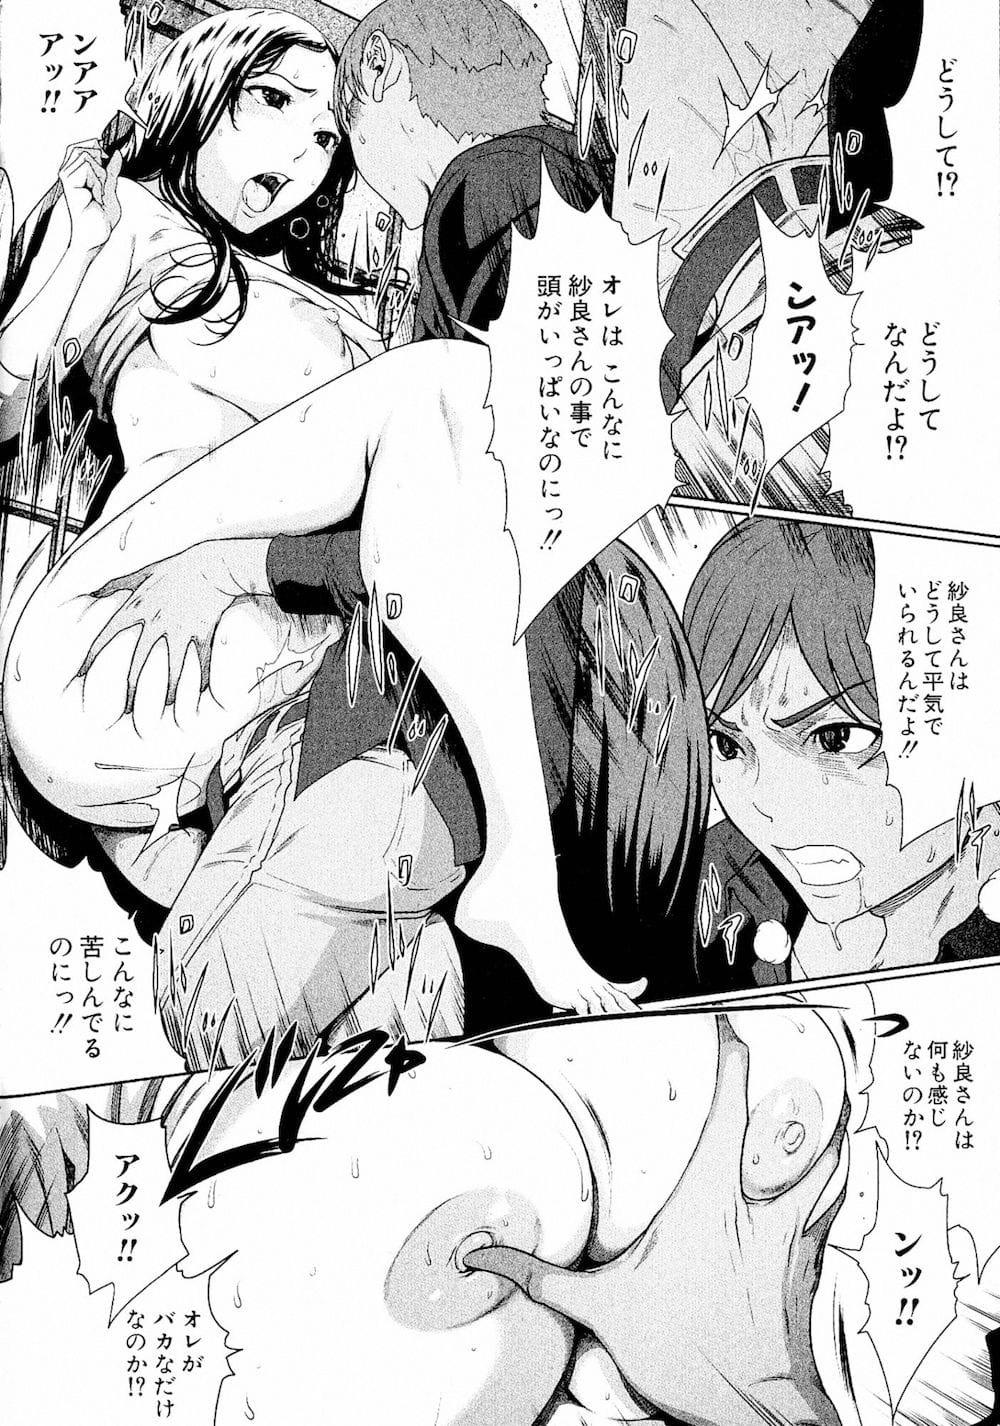 【エロ漫画・同人誌】他の男とセックスをしたことを知り義母を家で強引に犯すwww 012